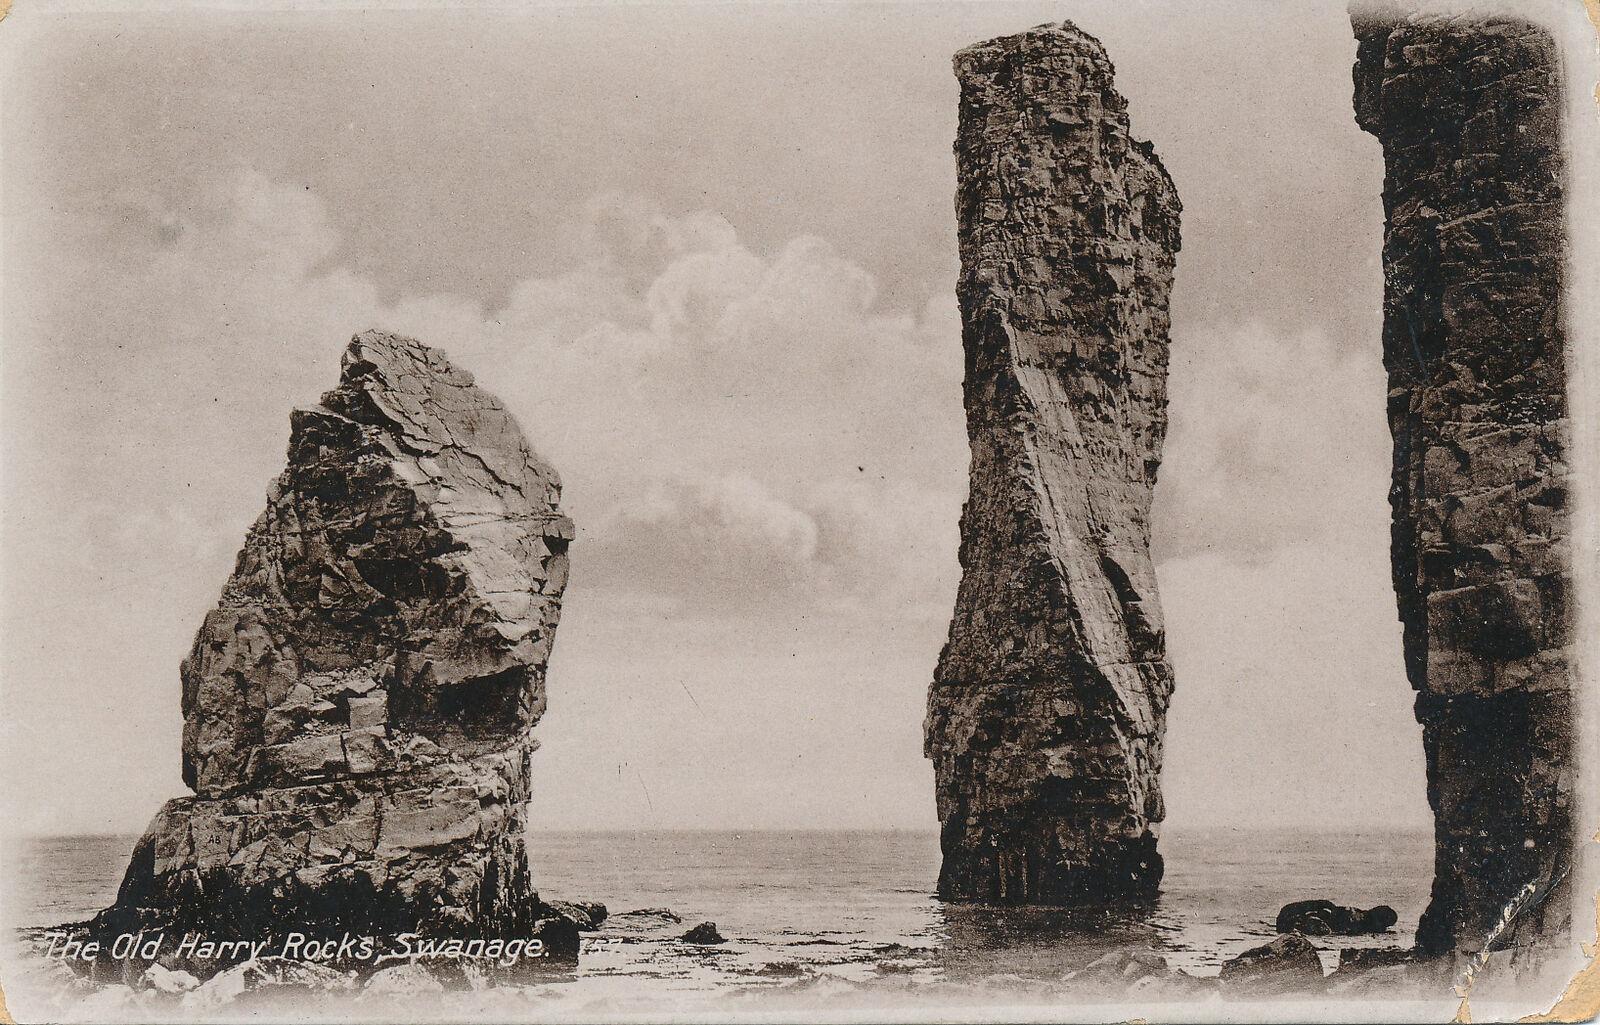 harrys-rocks-swanage